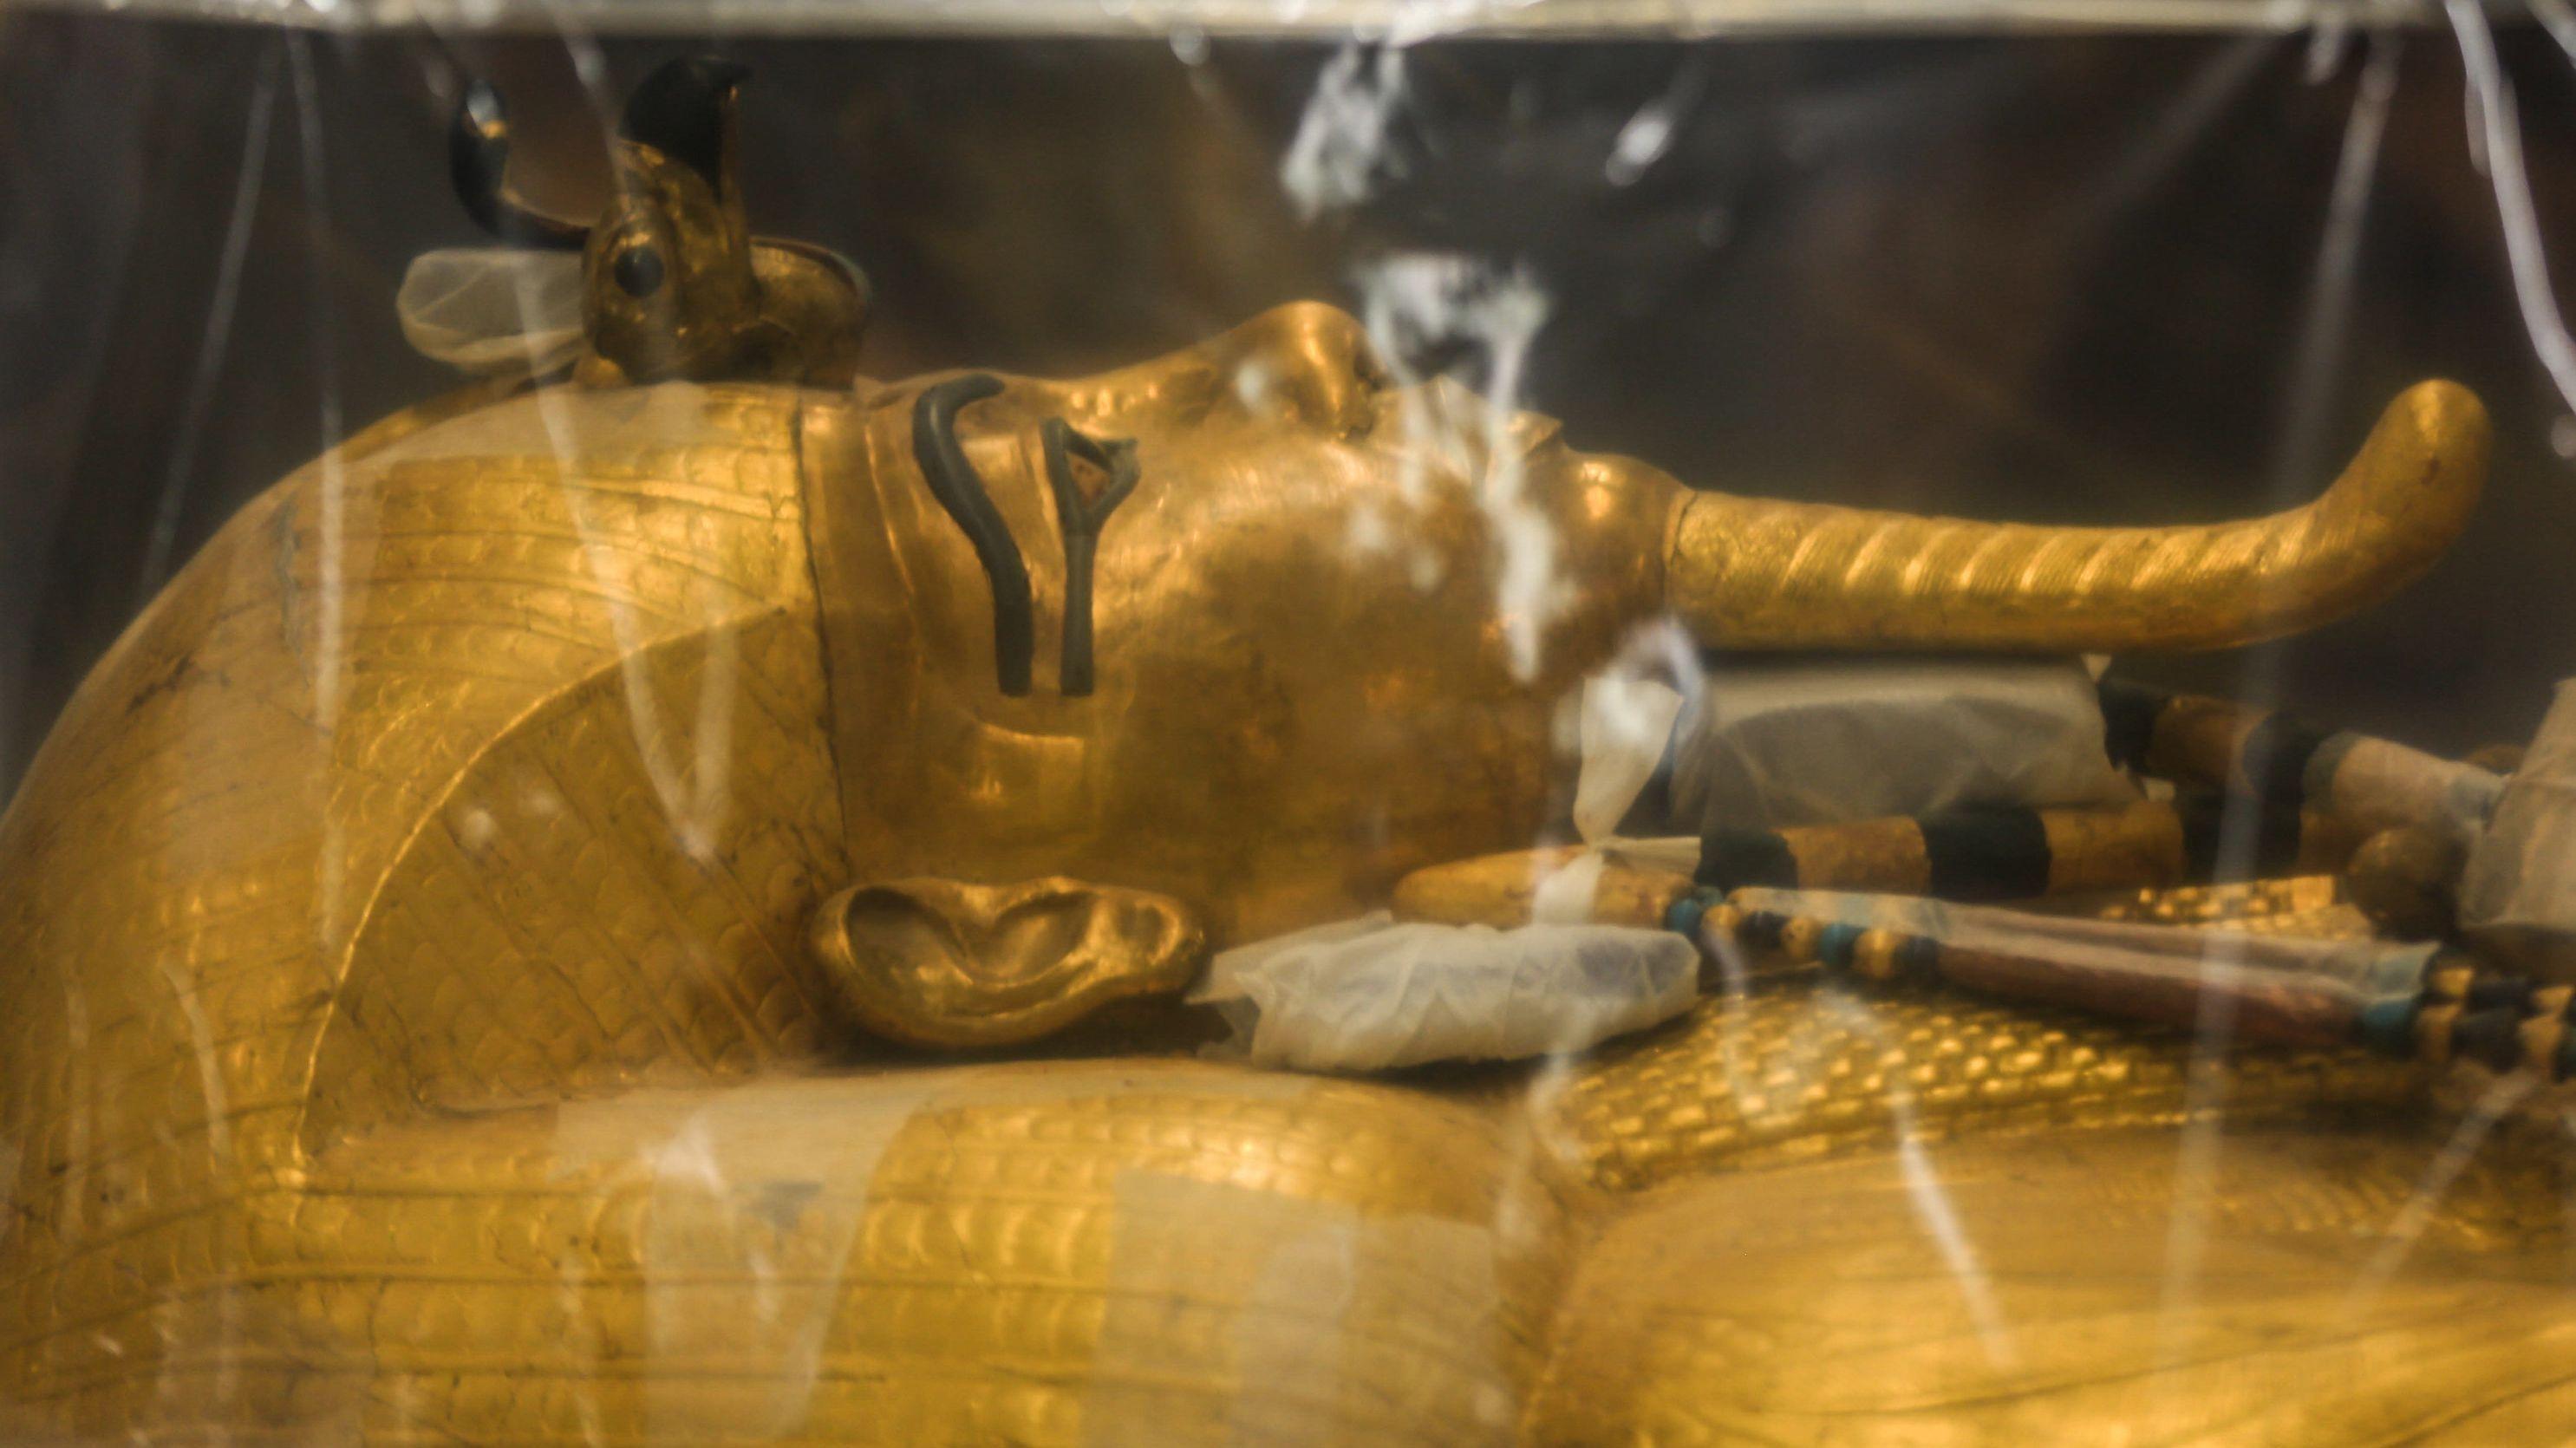 Der vergoldete Sarkophag des ägyptischen Pharaos Tutanchamun wartet auf seine Restaurierung